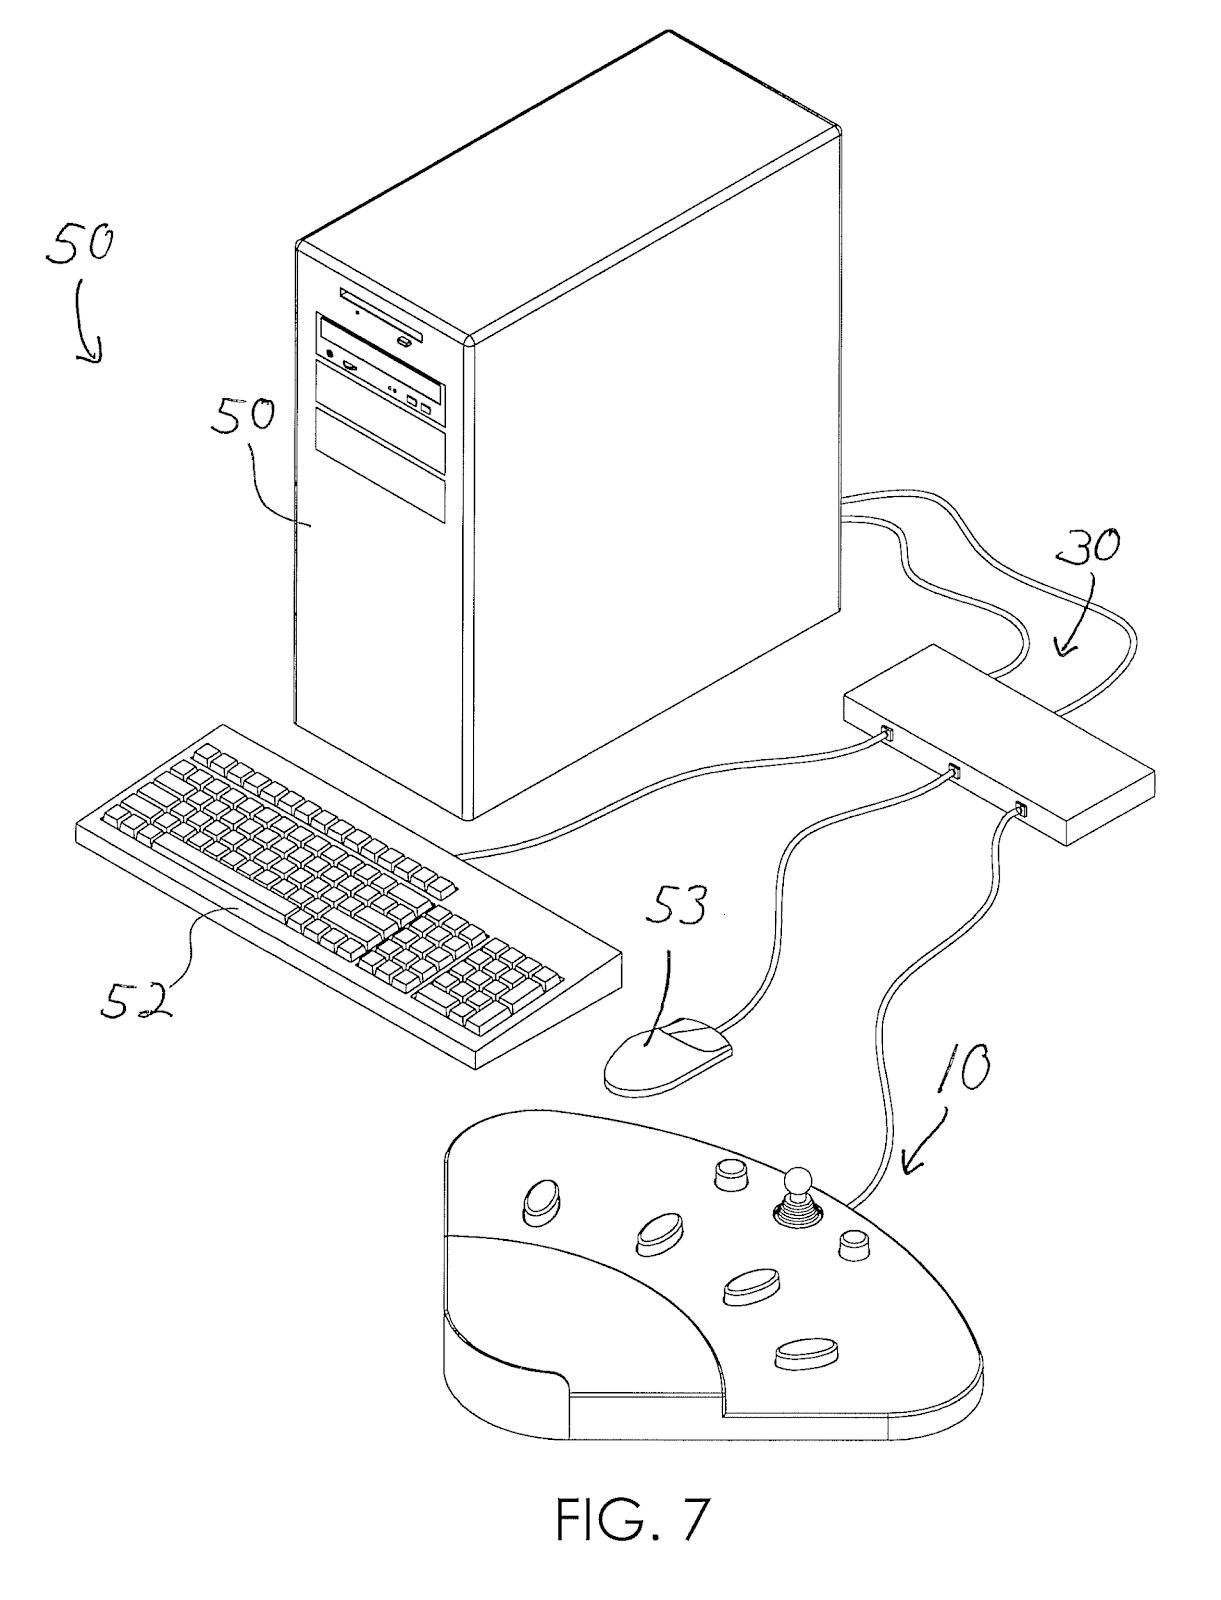 Качаем пресс с помощью игрового контроллера, или 8 необычных патентов на устройства ввода - 9